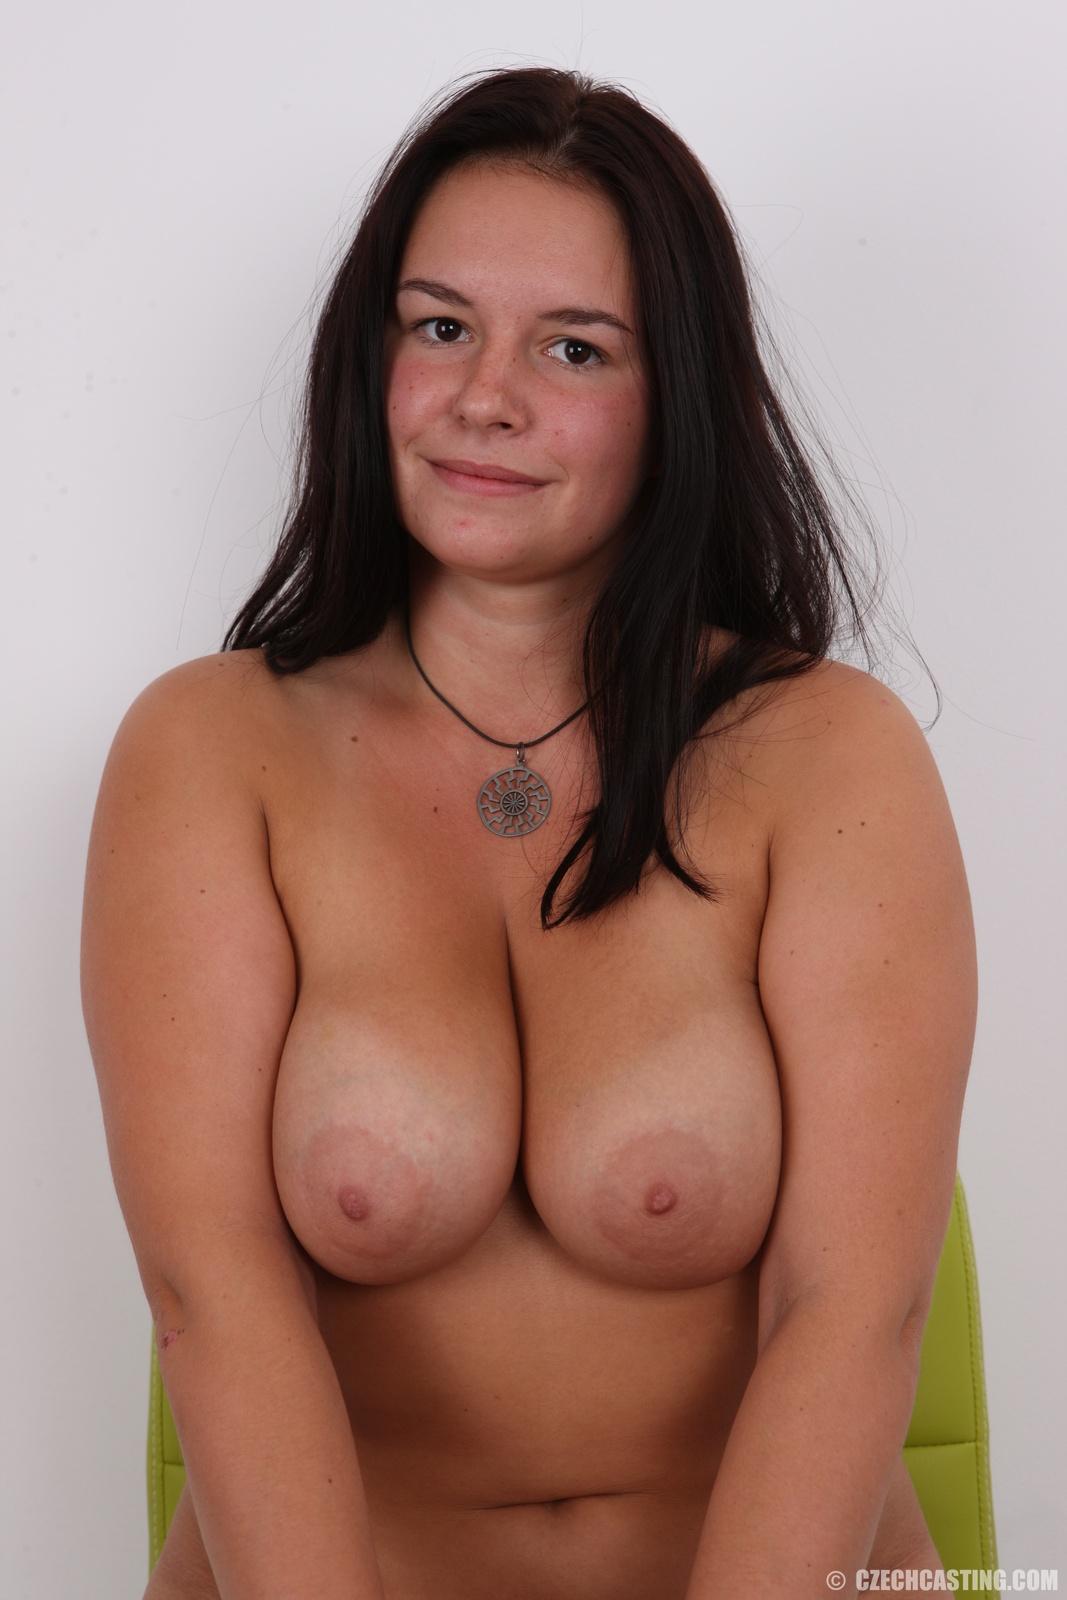 Bbw martina naked